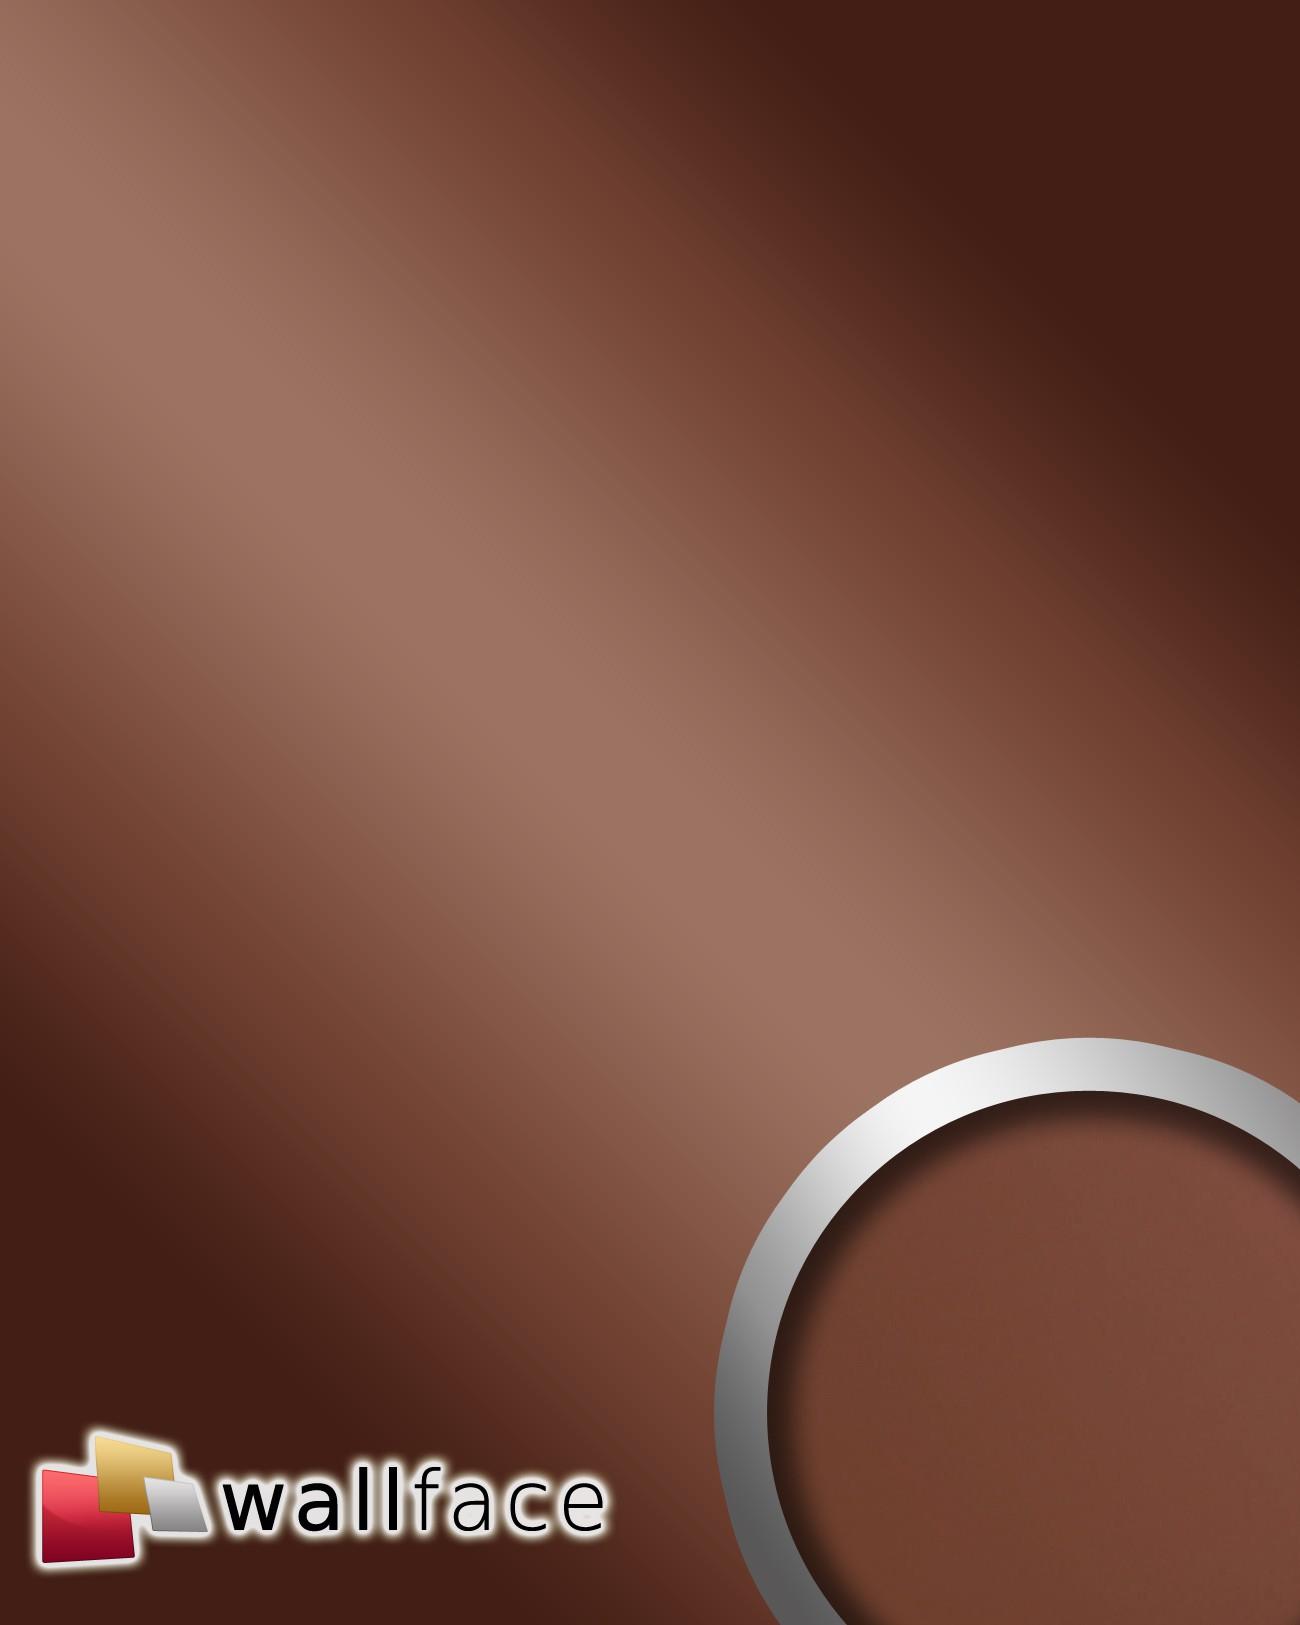 Panou Decorativ Deco 15275  Wallface  Autocolant